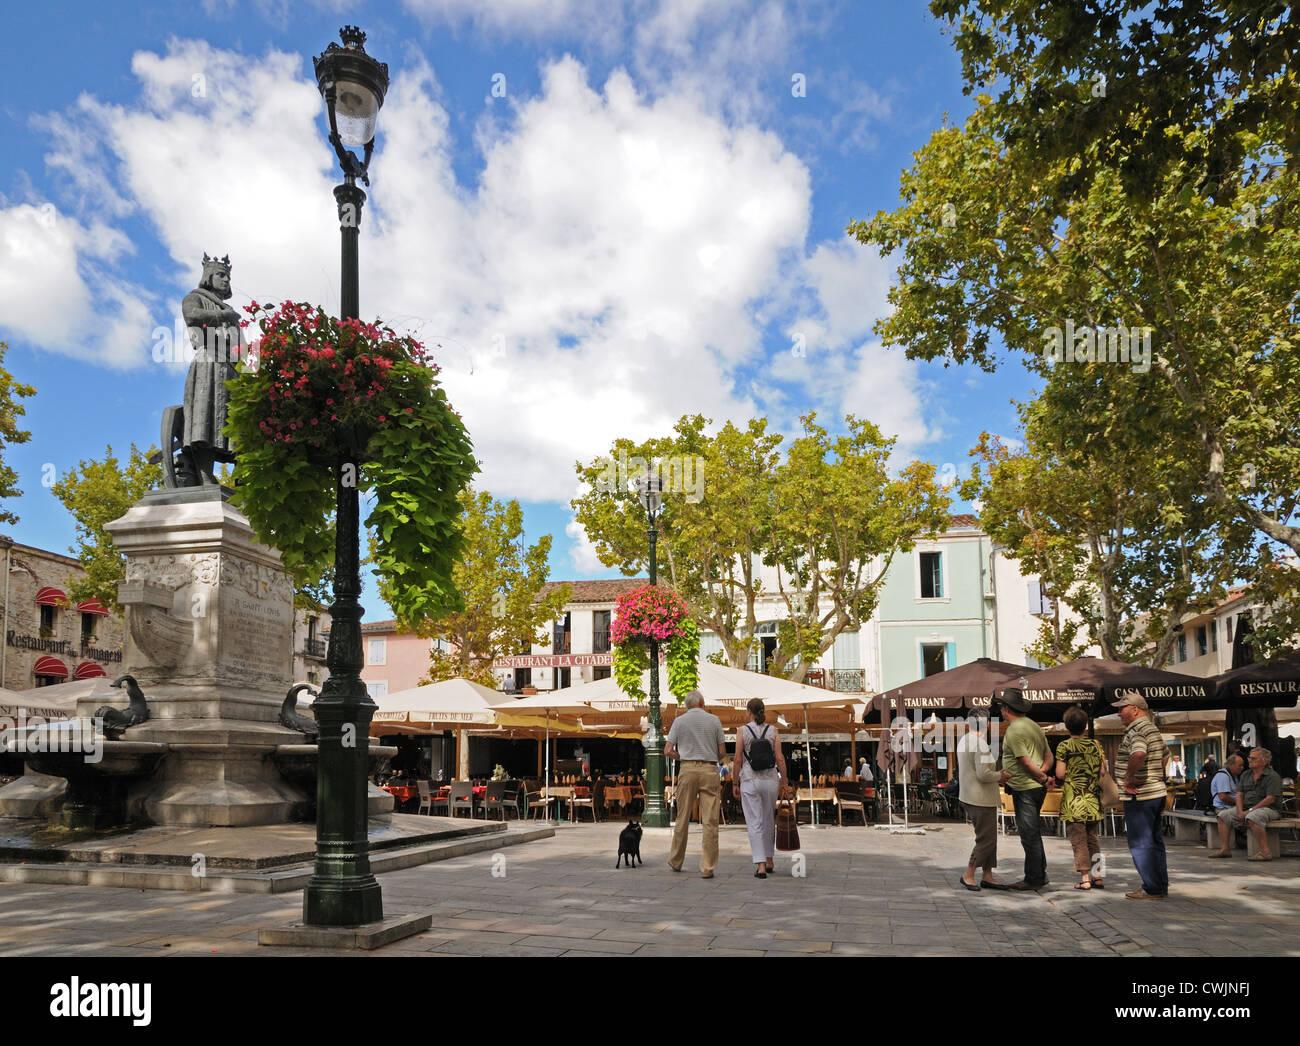 place saint louis aigues mortes france with market stalls couple